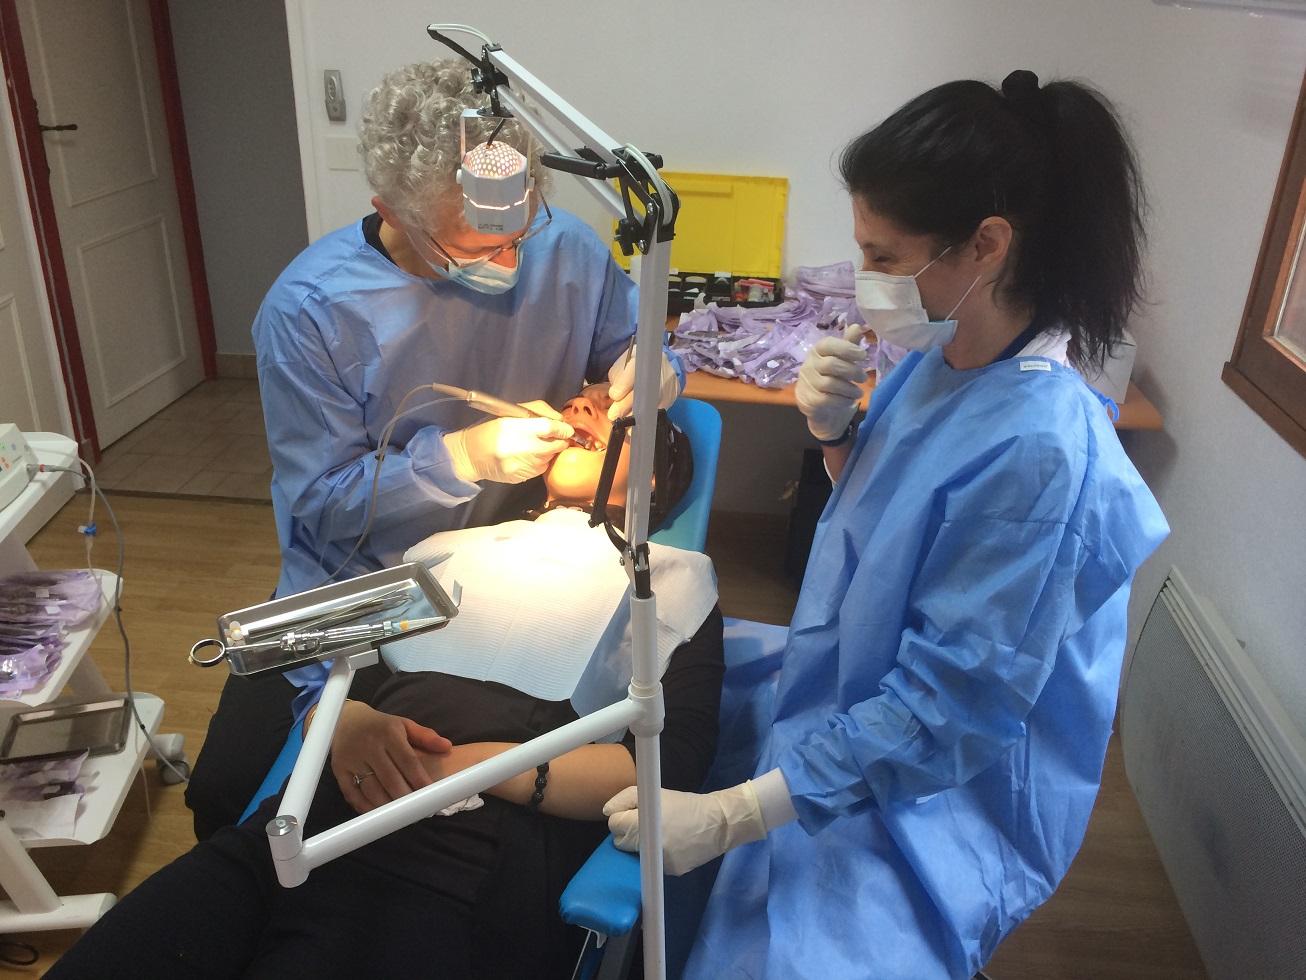 Restos-Cluses-nouvelle-salle-de-soins-septembre-2014-8